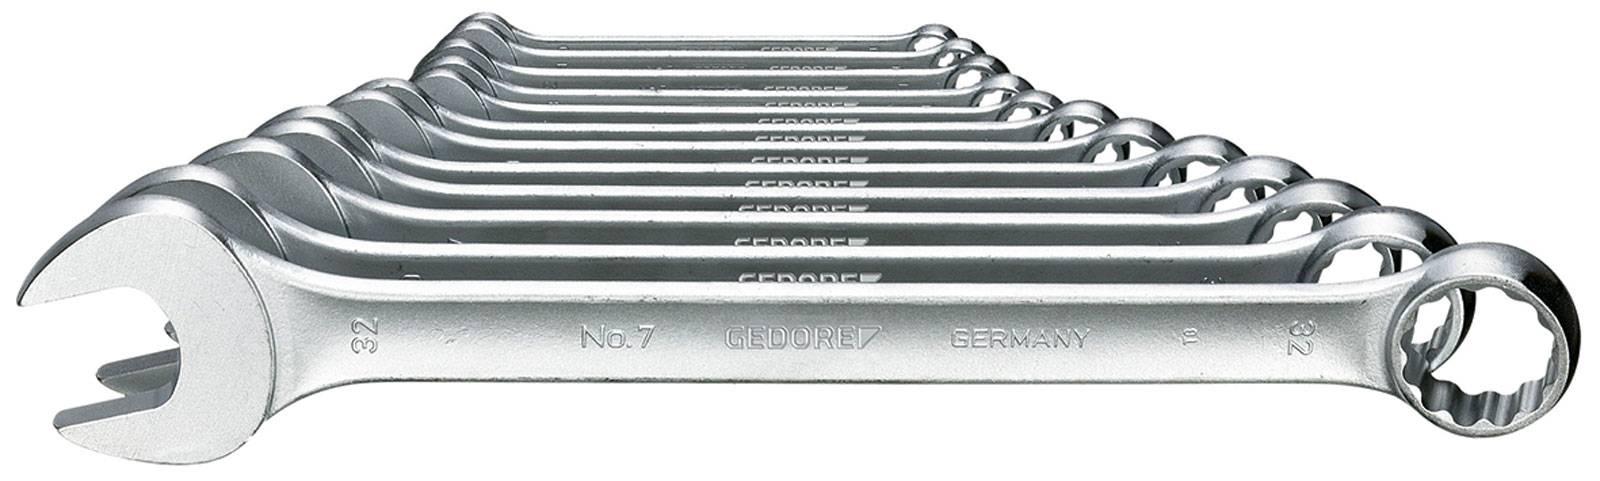 Sada očkoplochých klíčů Gedore 6093150, 10 - 32 mm, 12dílná